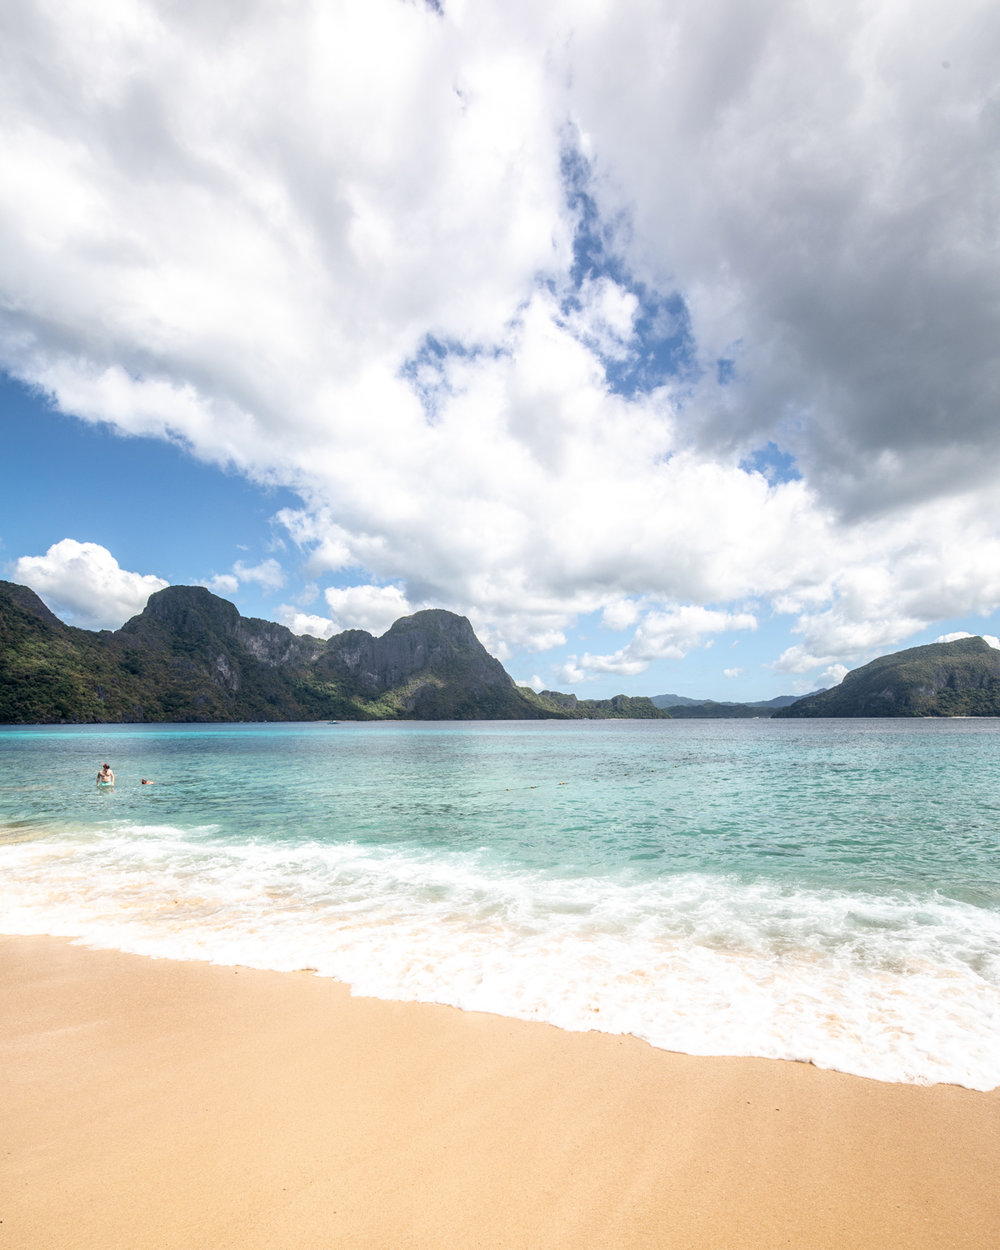 The beach at Helicopter Island, El Nido Palawan